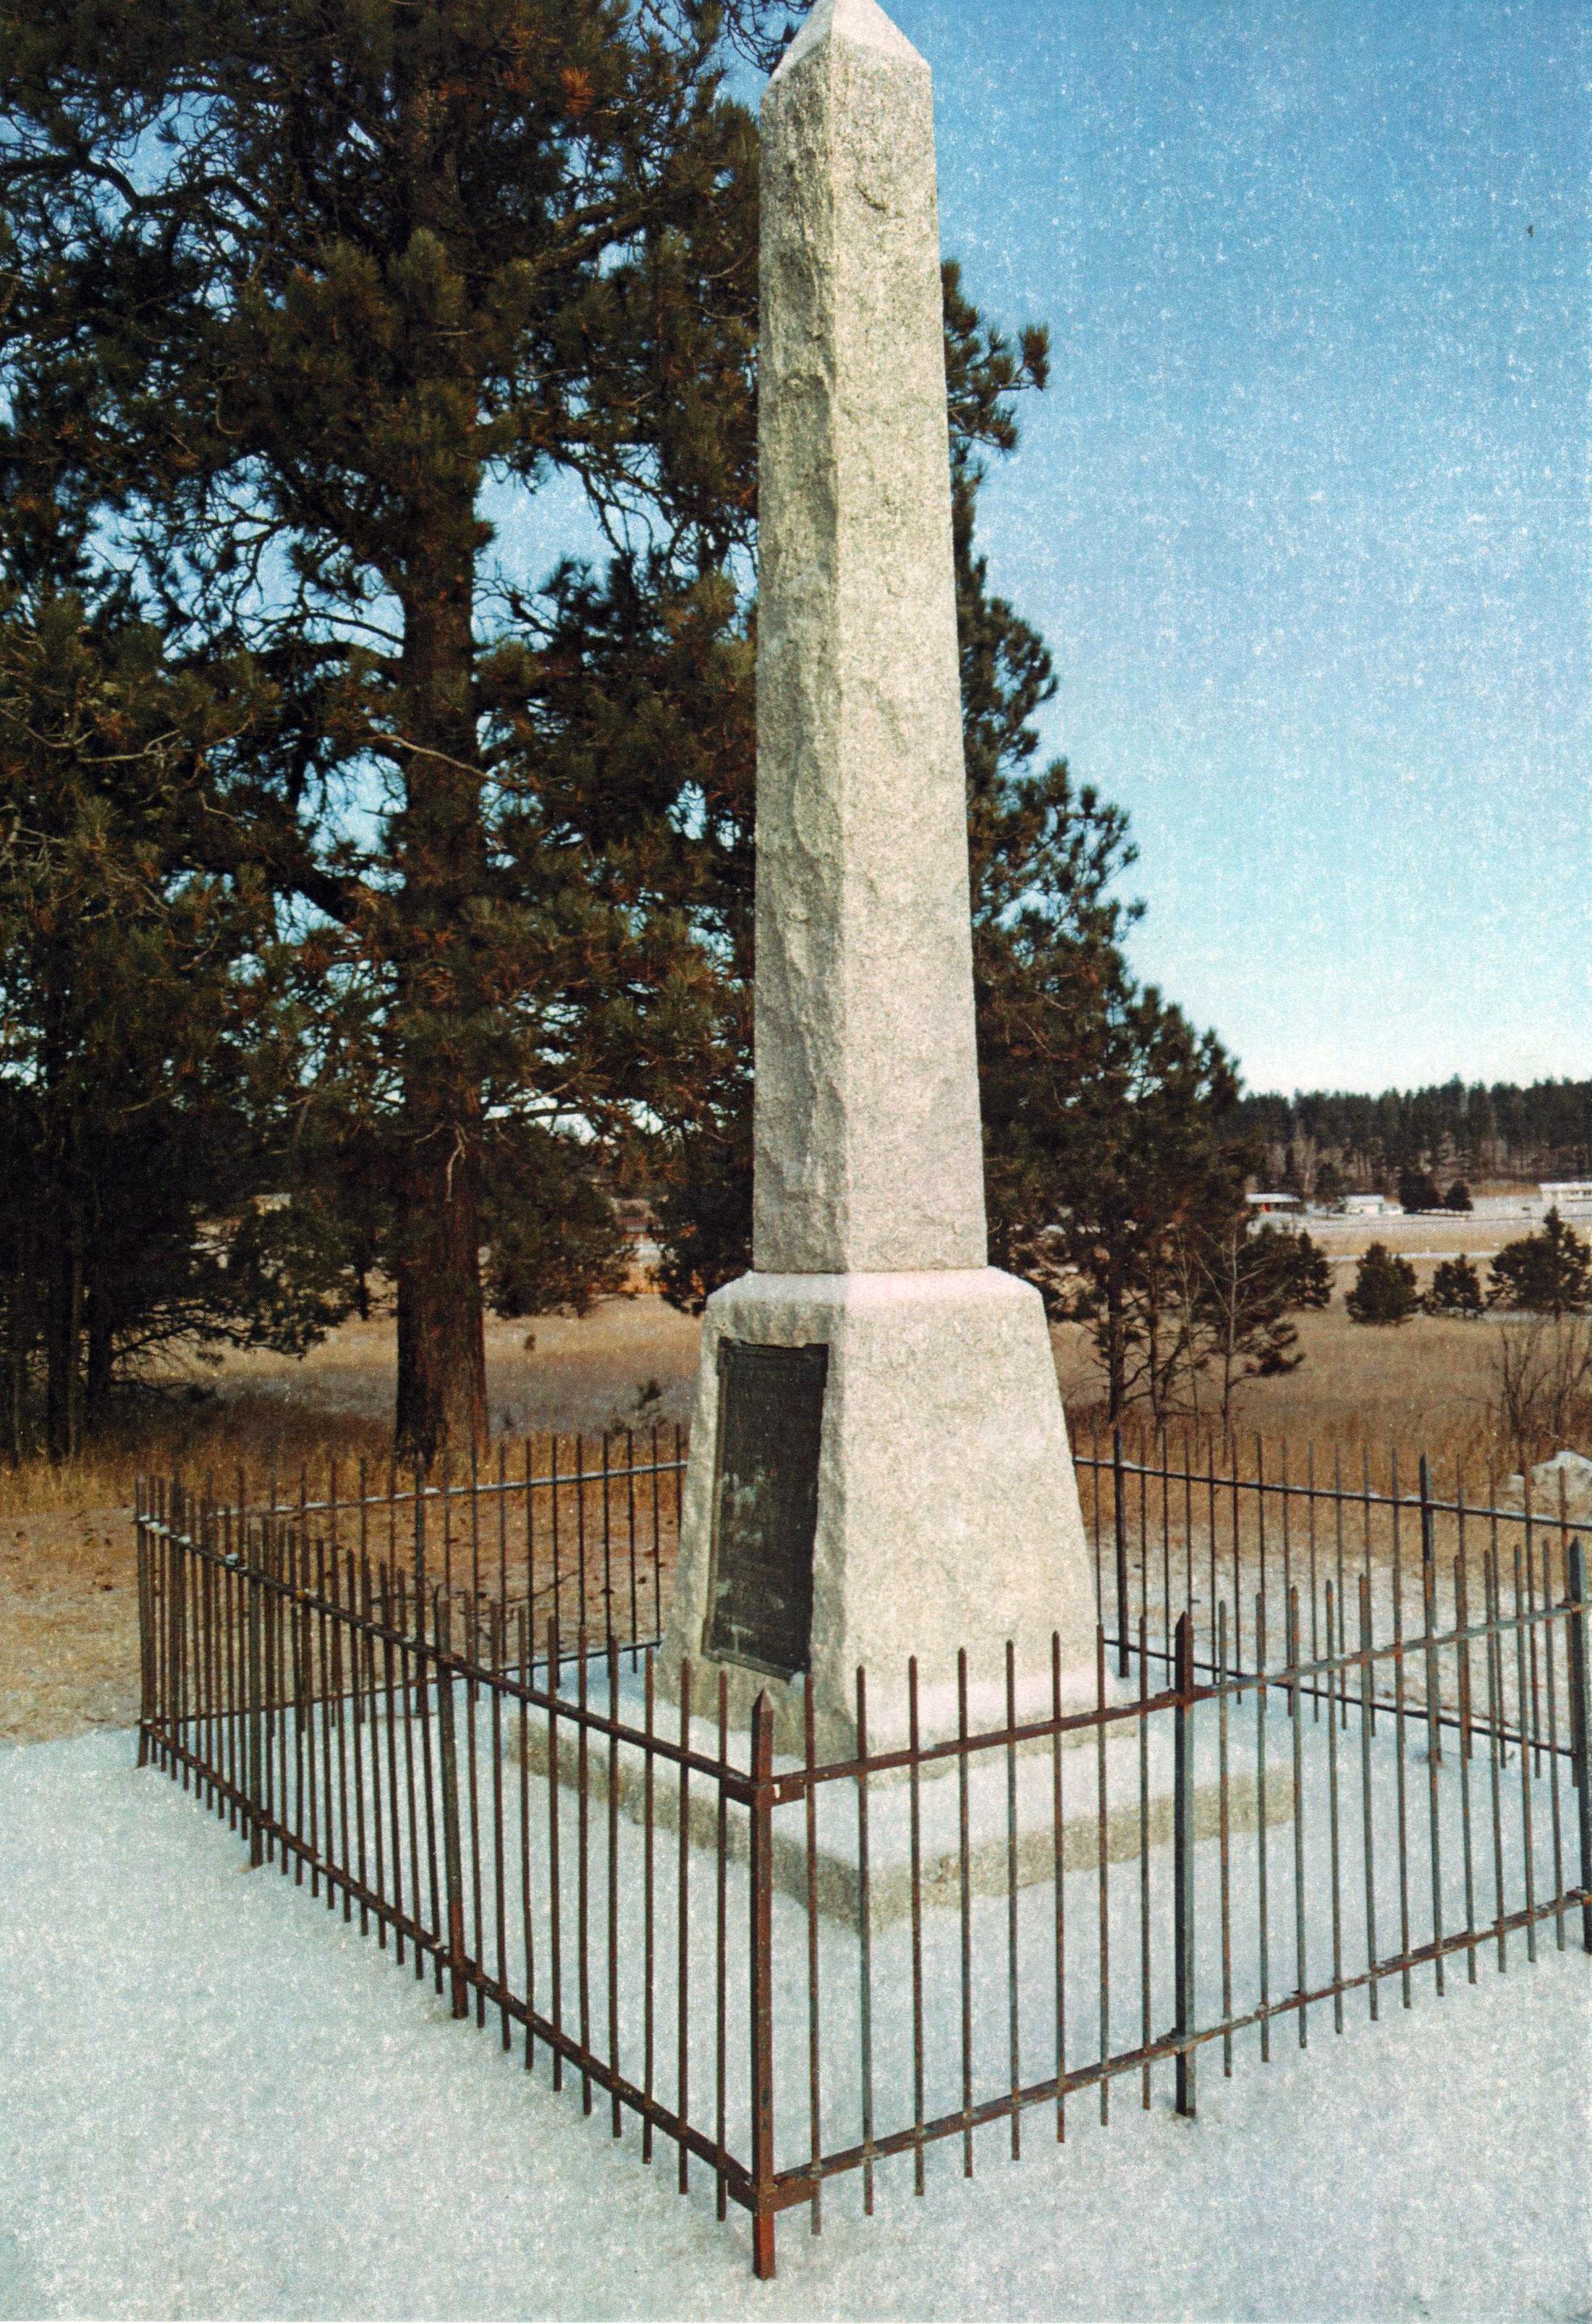 Image - ObeliskAnnie#1 001.jpg.jpeg